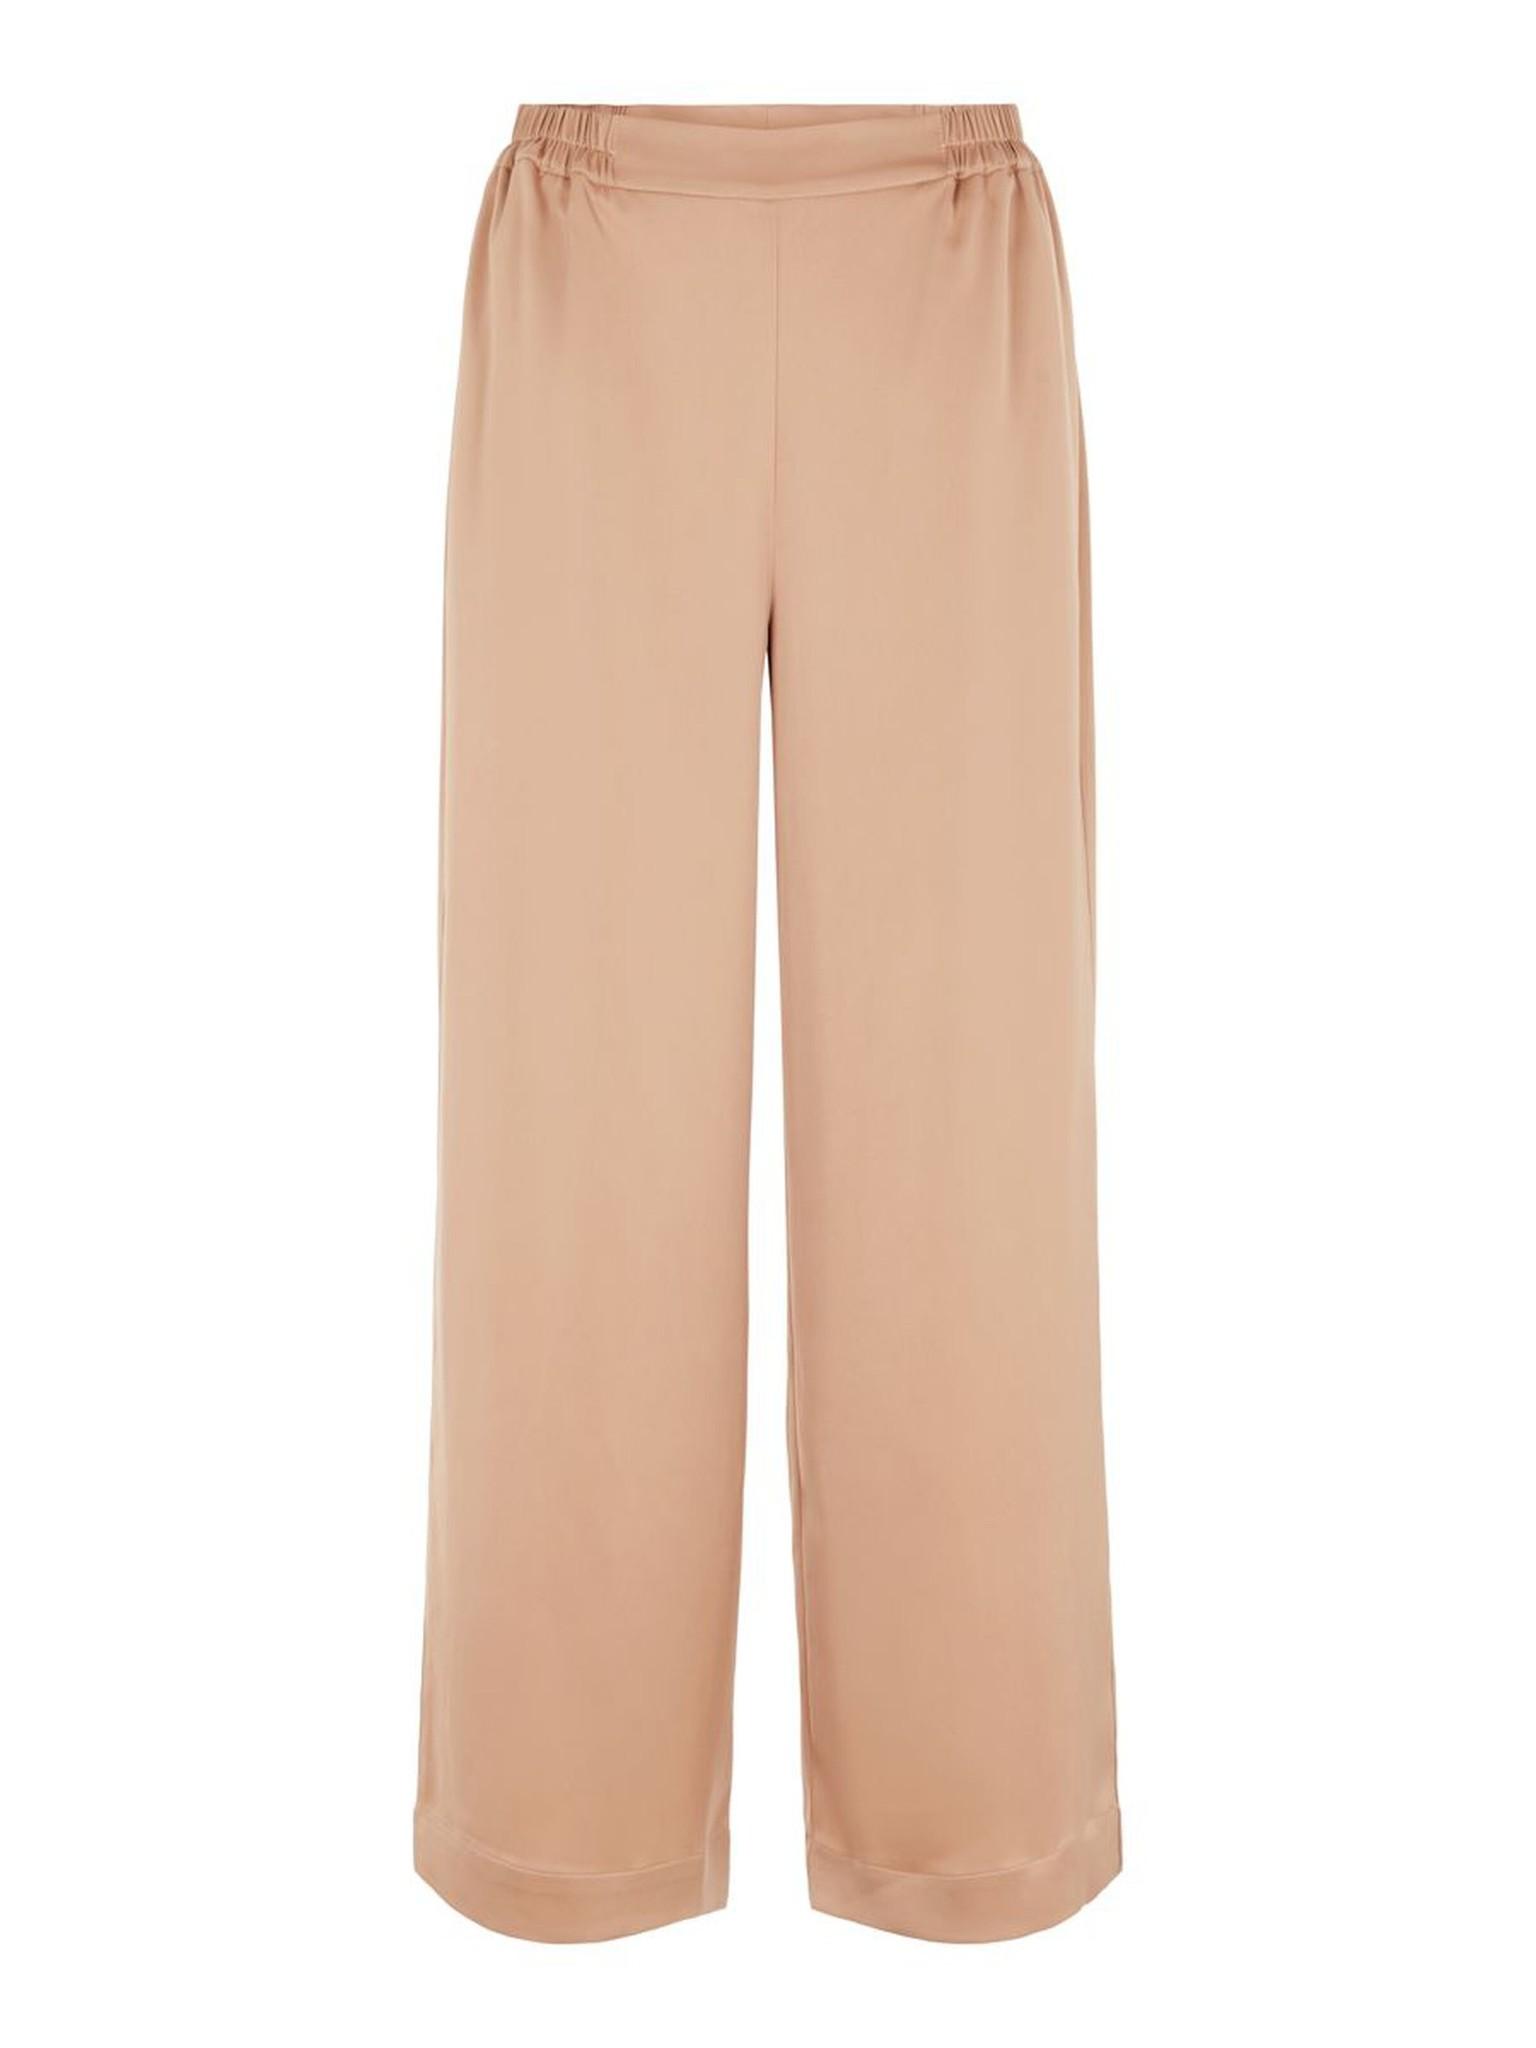 Broek Yasteresa cropped pants tawny brown-1